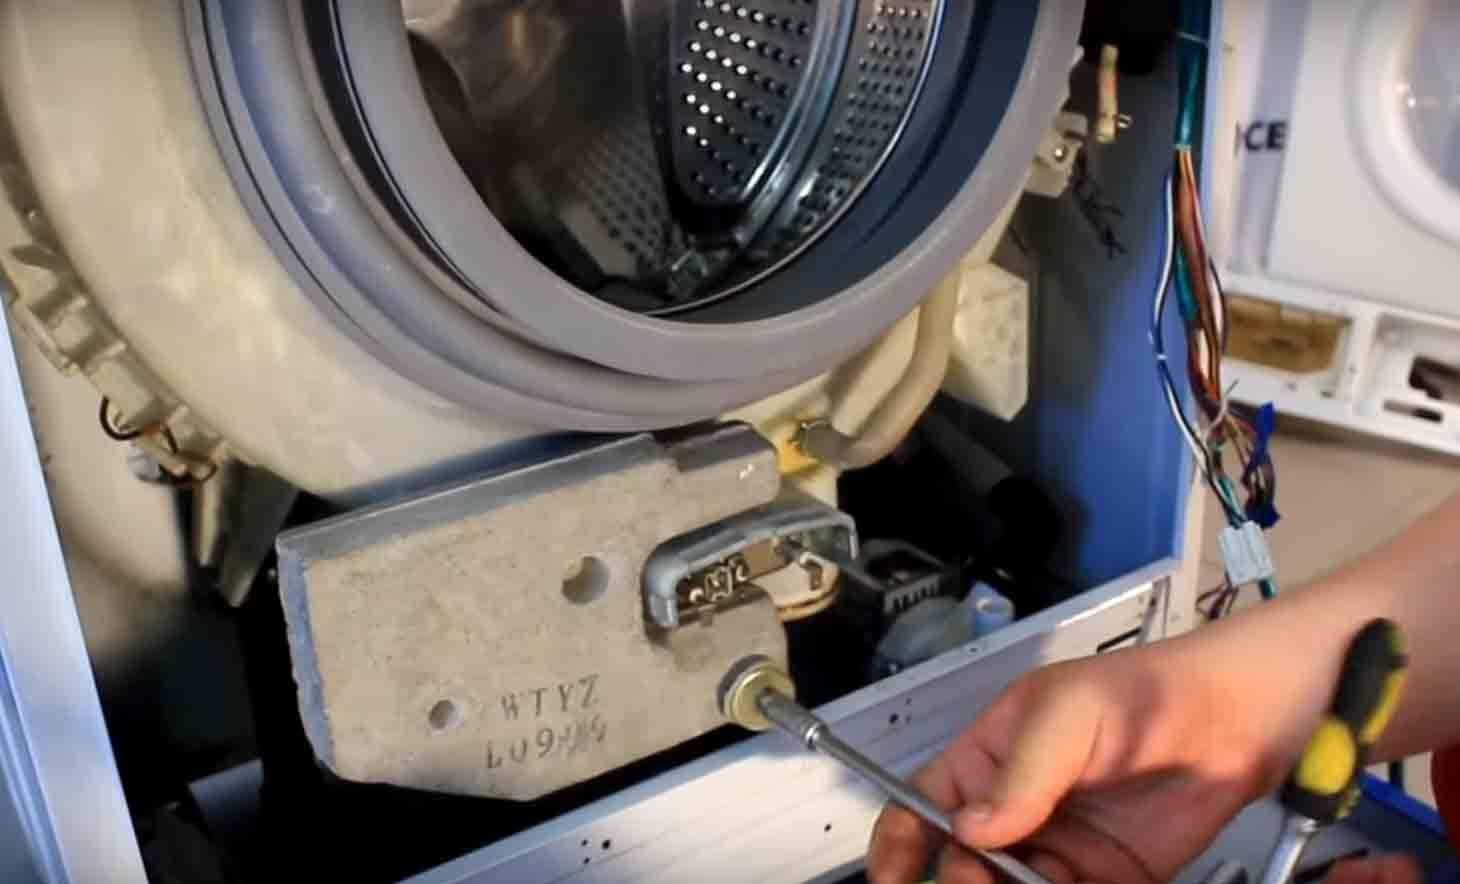 Ремонт электронного блока стиральной машины samsung: как починить плату управления сенсорных и обычных модулей?